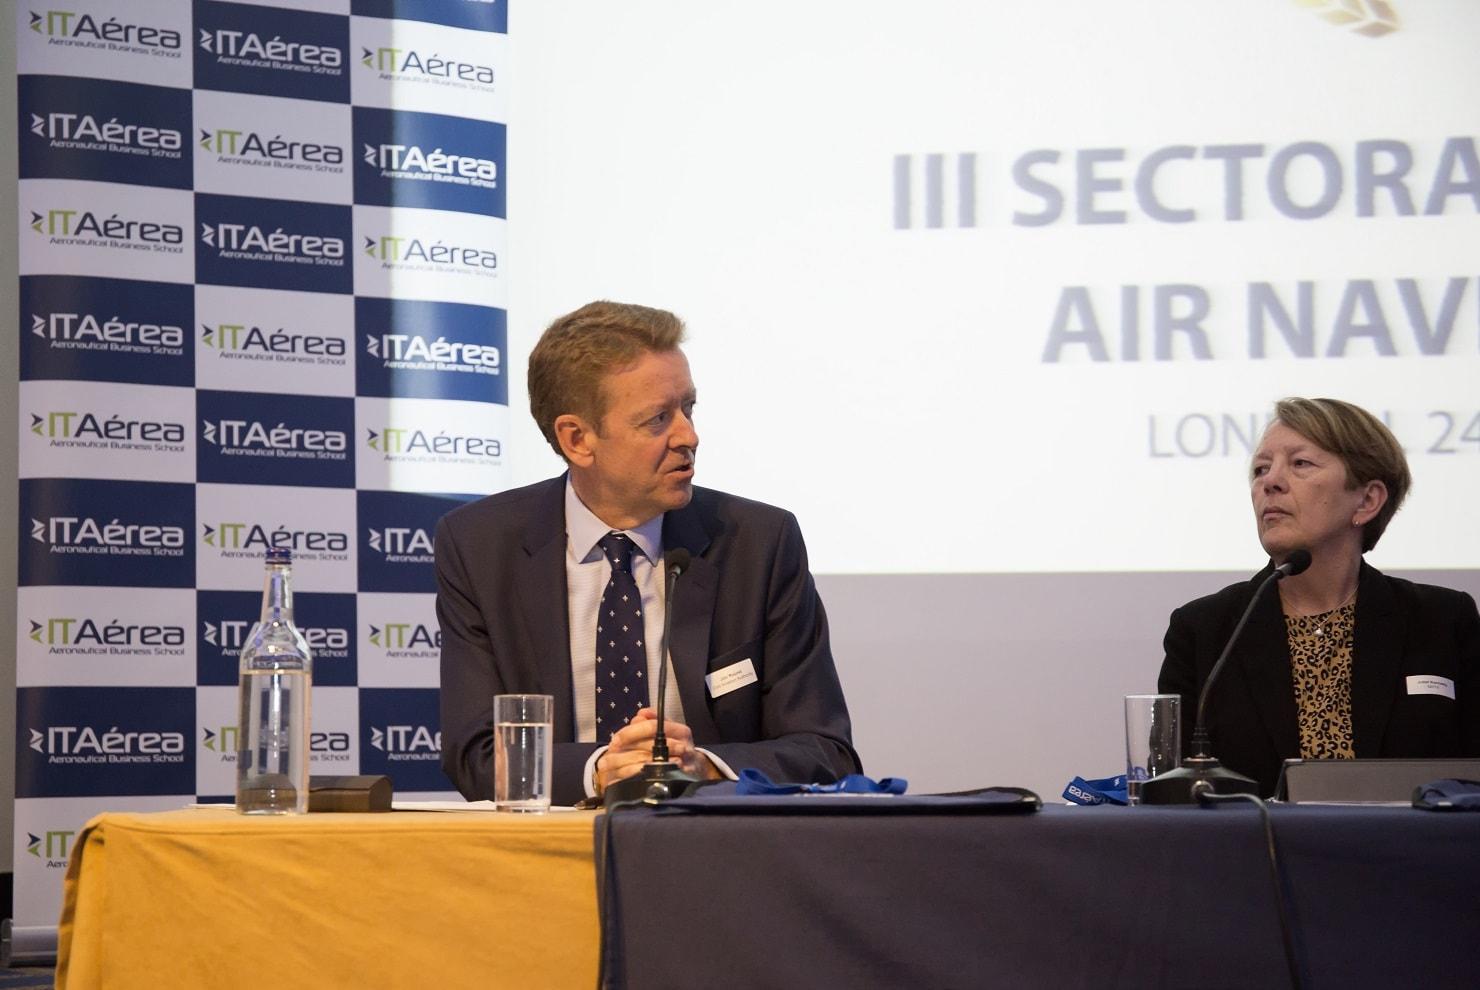 16 min - III Encuentro Sectorial: Navegación Aérea